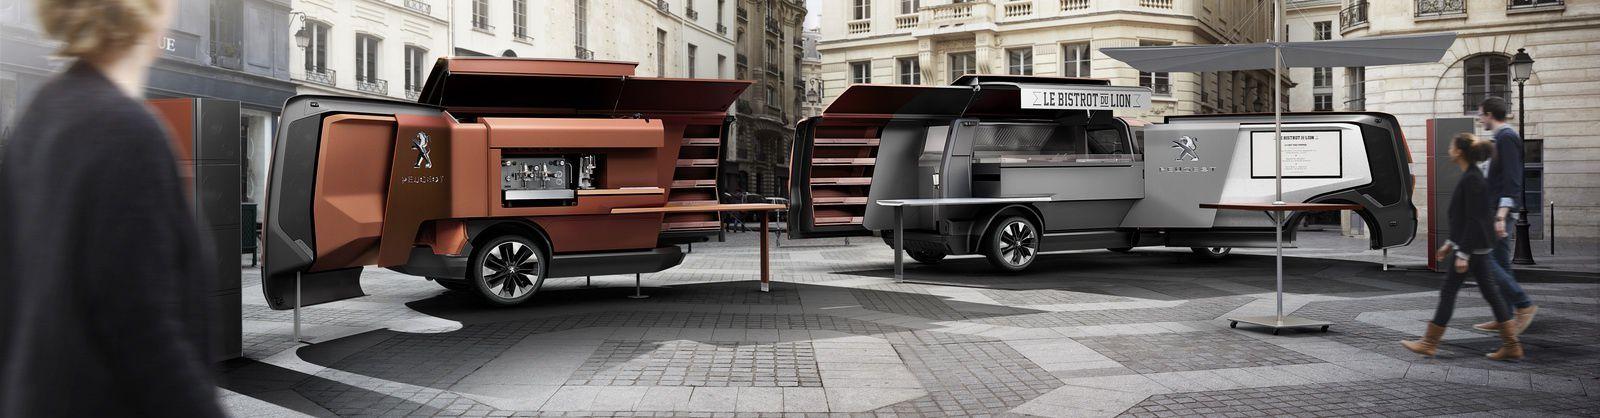 Le Food truck de Peugeot à l'exposition universelle de Milan.